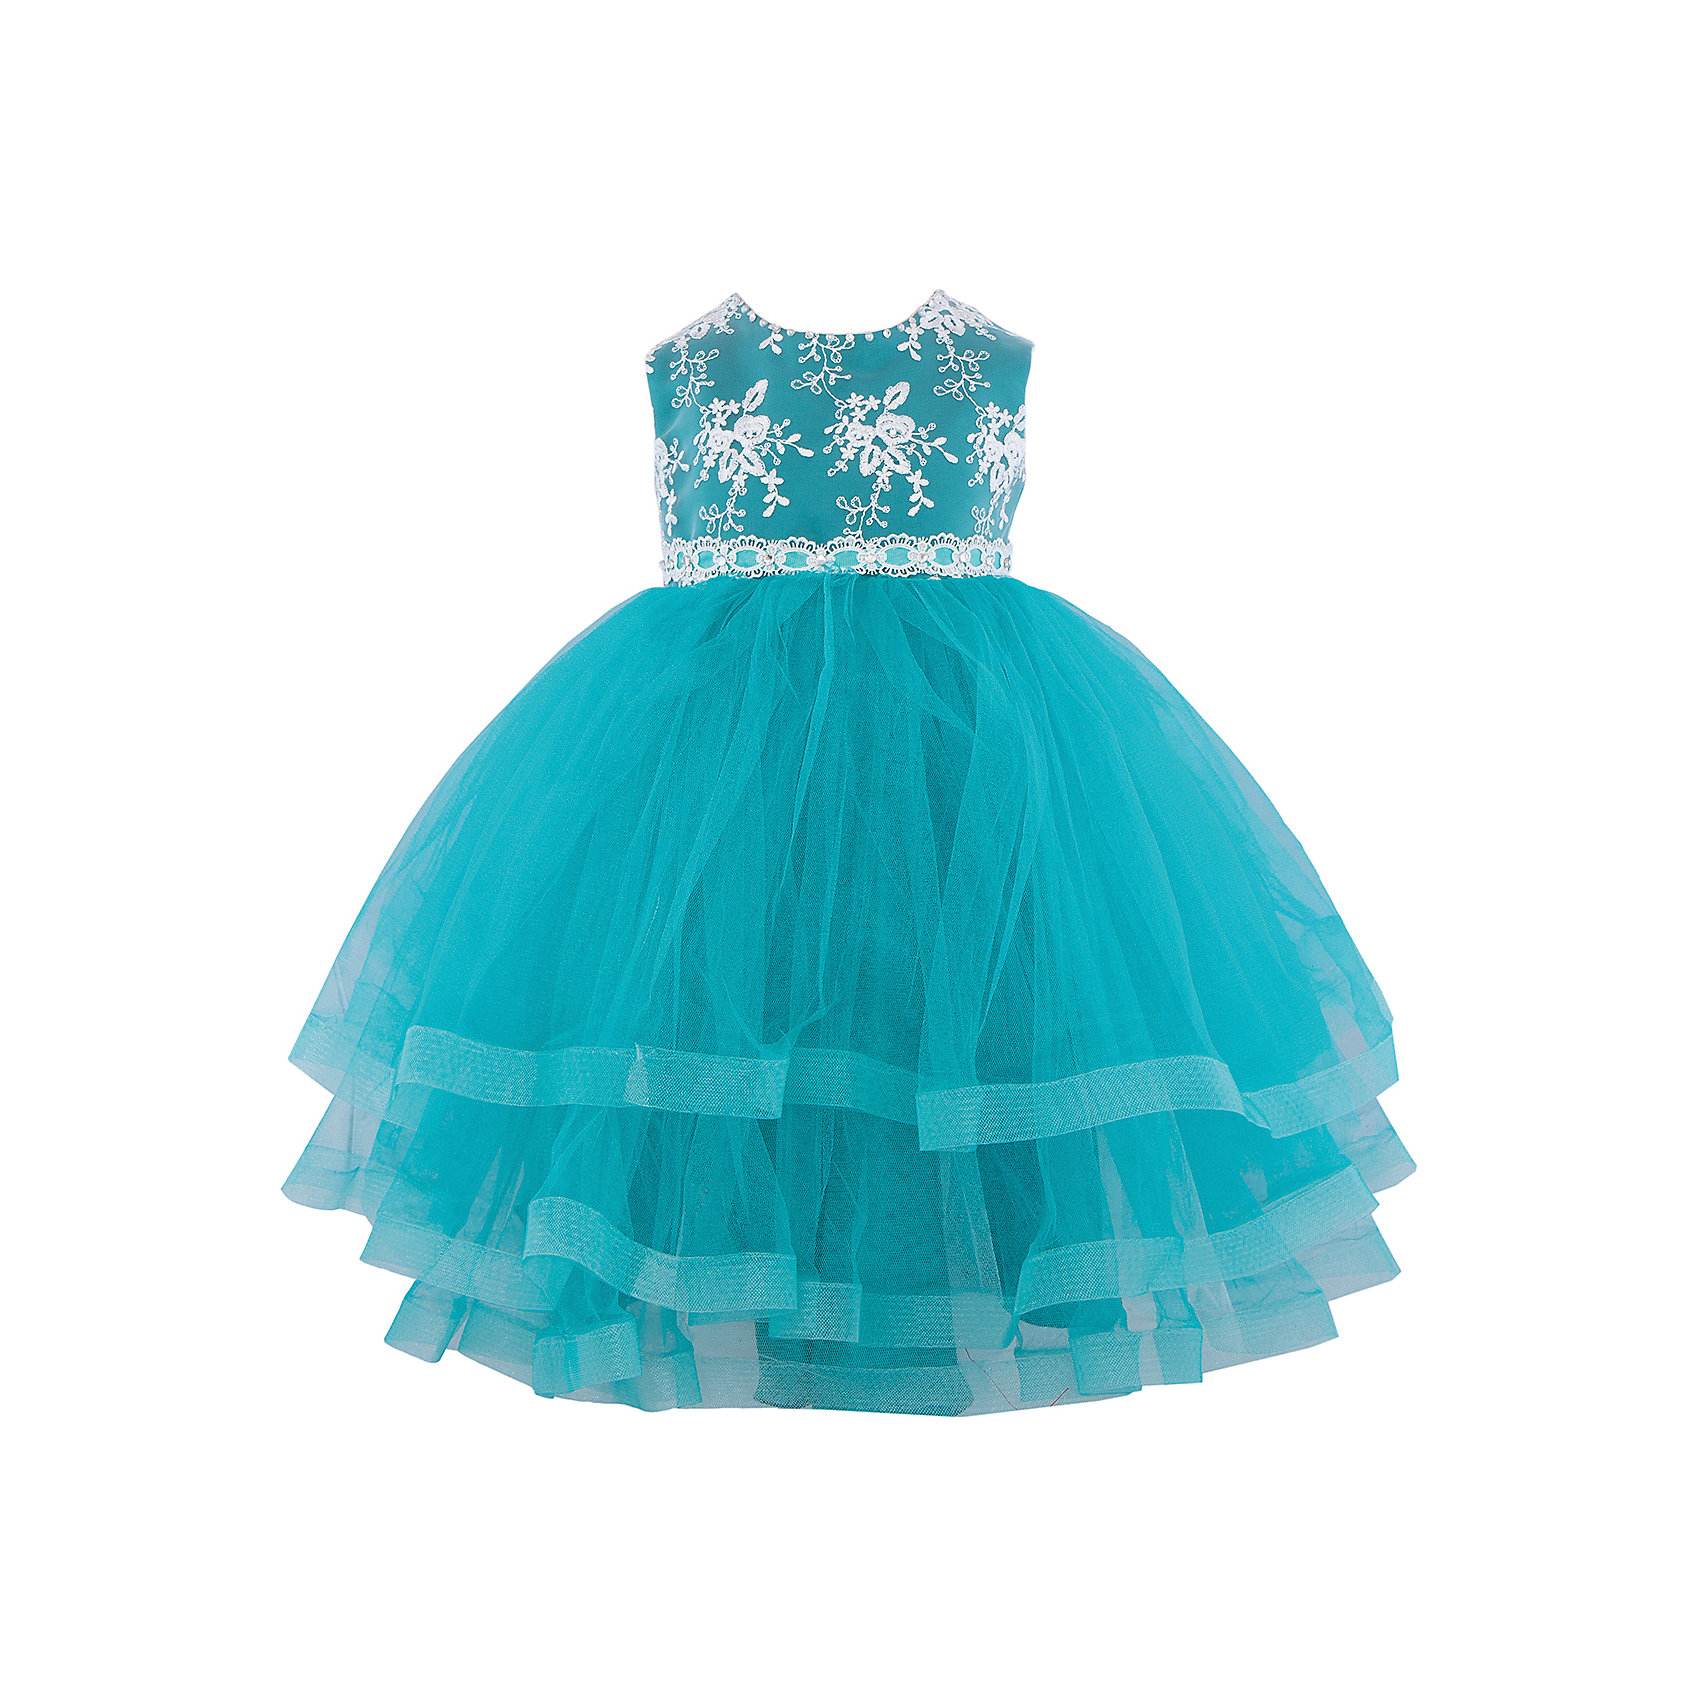 Платье нарядное ПрестижОдежда<br>Платье для девочки Престиж.<br><br>Характеристики:<br><br>• пышный силуэт<br>• без рукавов<br>• состав: 100% полиэстер<br>• цвет: зеленый<br><br>Платье для девочки Престиж - пышное и короткое. Пышная юбка и лиф, украшенный вышивкой, дополнены красивым поясом. Это платье создано специально для маленьких принцесс!<br><br>Платье регулируется шнуровкой сзади, от талии до верха спинки. Шнуровка в комплекте.<br>Платье подходит для занятий бальными танцами.<br><br>Платье для девочки Престиж вы можете купить в нашем интернет-магазине.<br><br>Ширина мм: 236<br>Глубина мм: 16<br>Высота мм: 184<br>Вес г: 177<br>Цвет: зеленый<br>Возраст от месяцев: 48<br>Возраст до месяцев: 60<br>Пол: Женский<br>Возраст: Детский<br>Размер: 110,104,116<br>SKU: 5158405